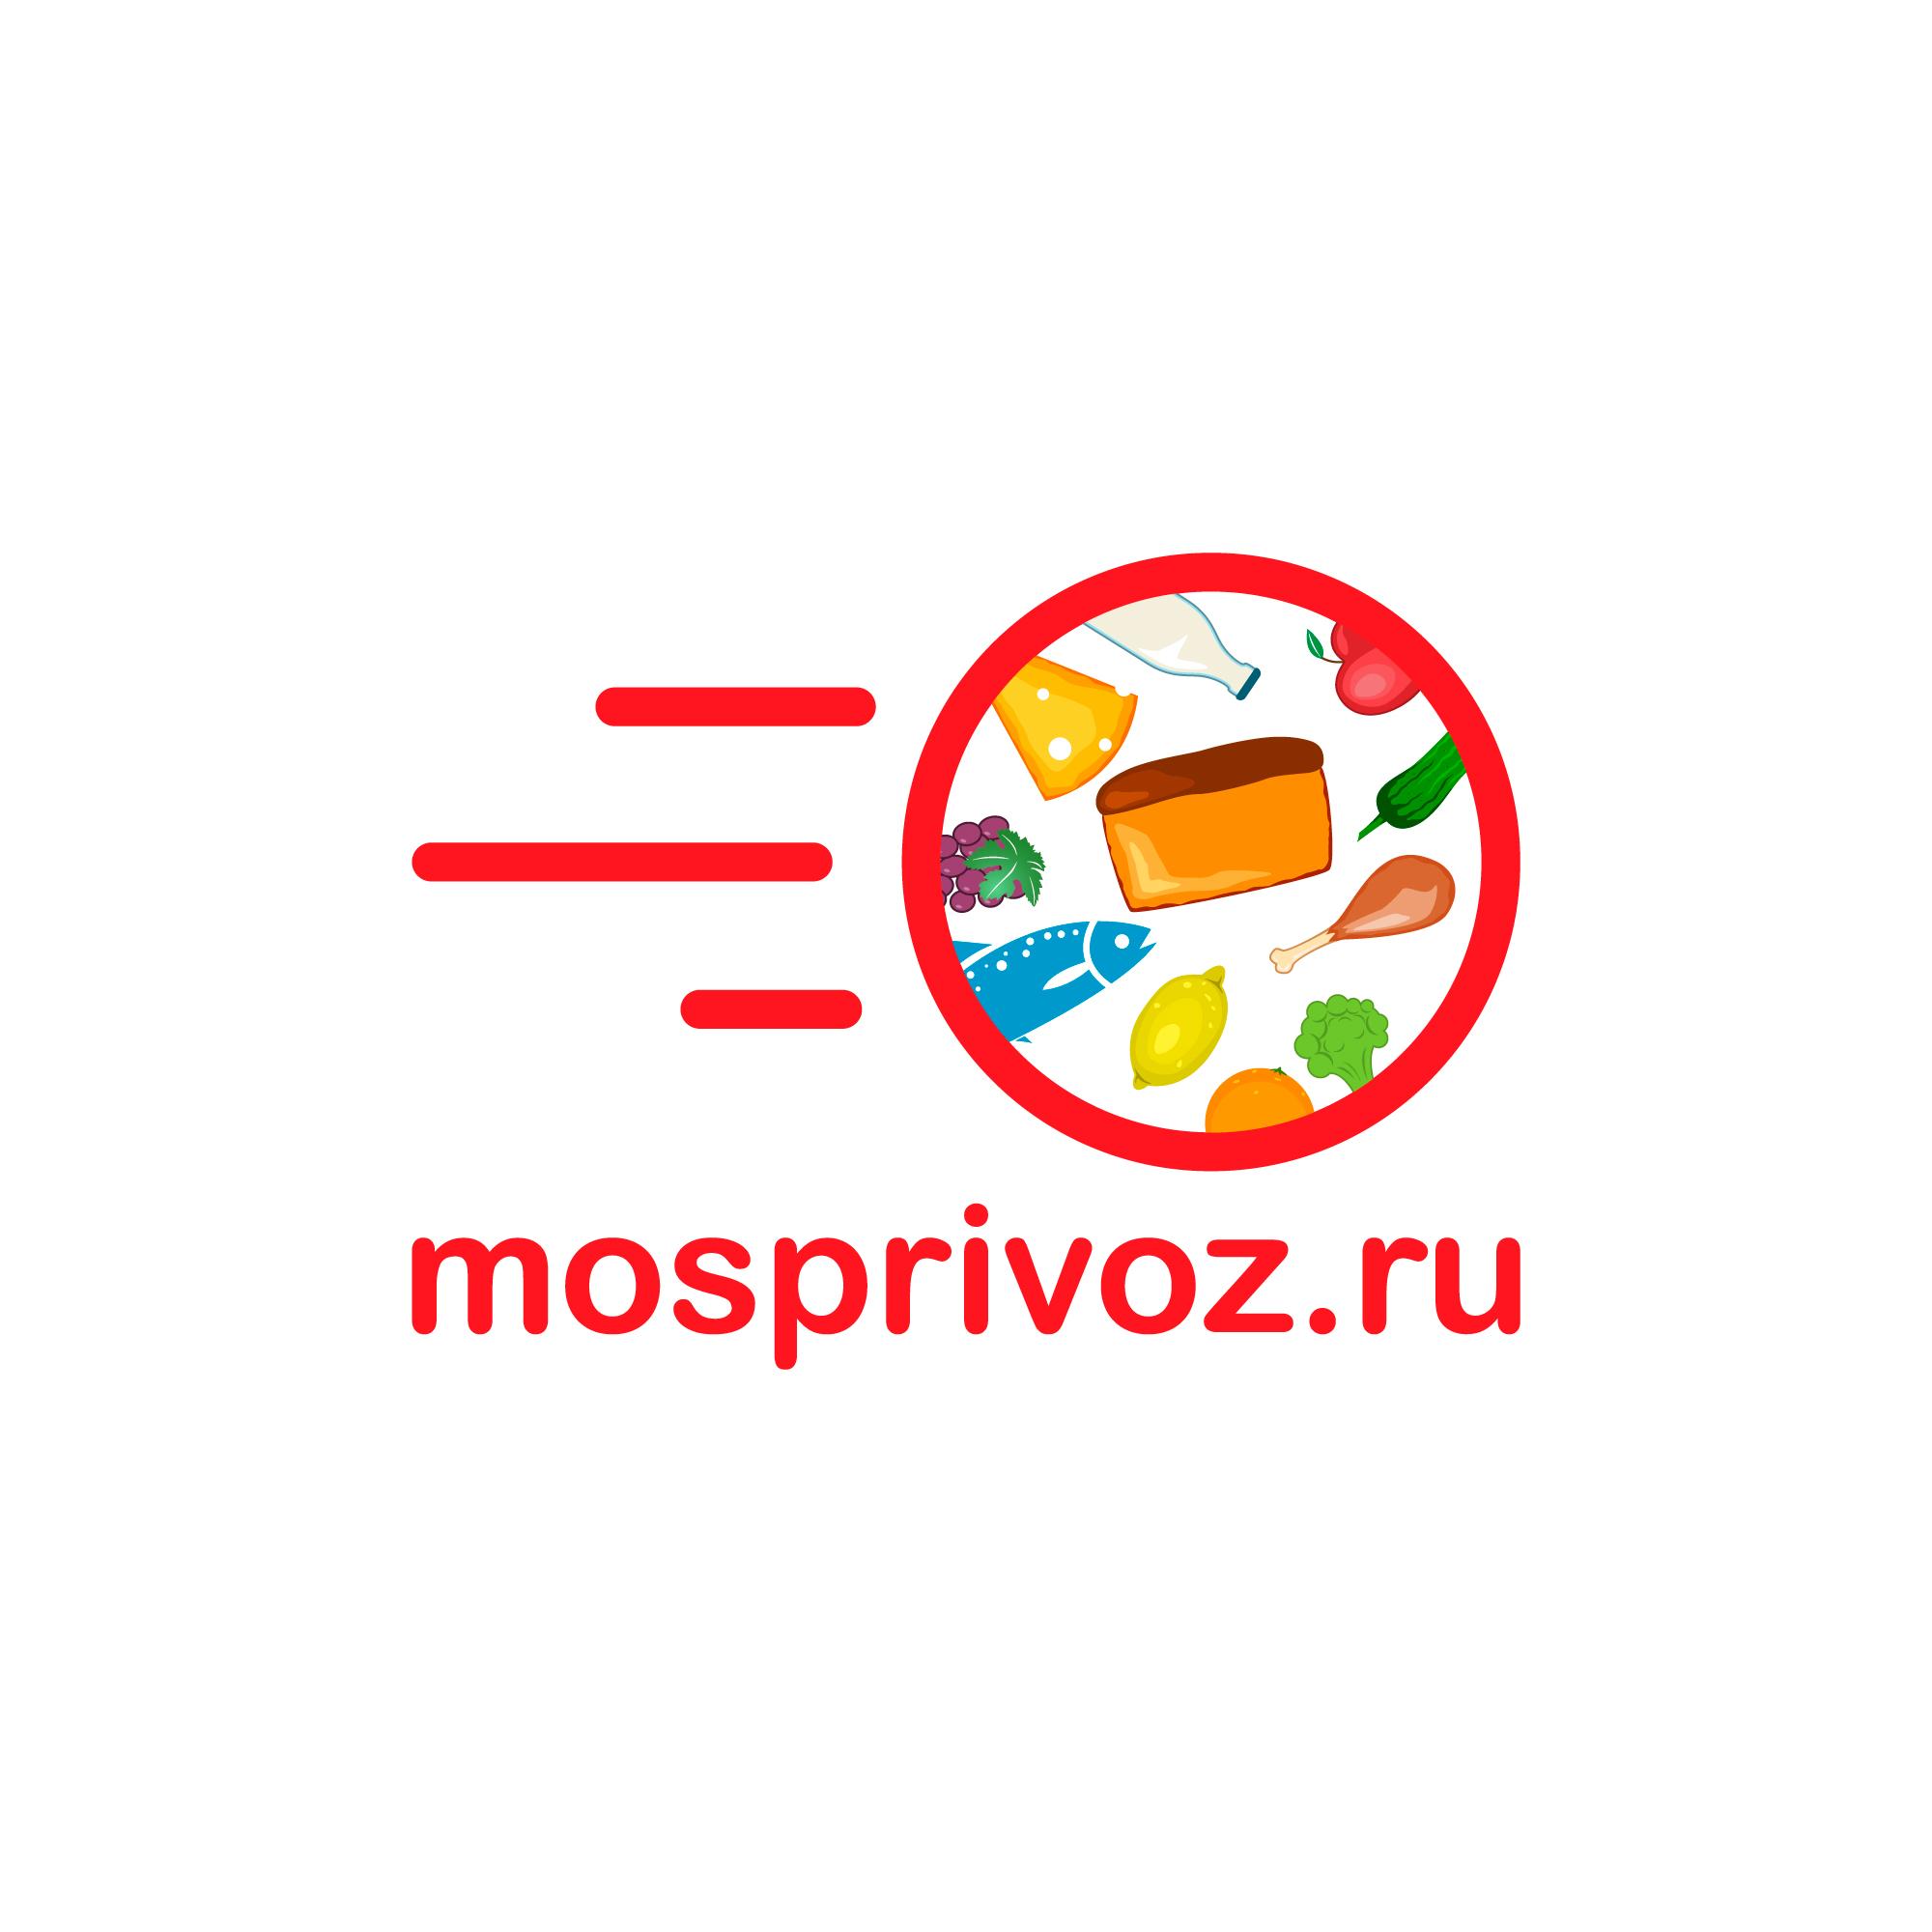 Логотип. Интернет - магазин по доставке продуктов питания. фото f_0485ad236c65f3e7.jpg